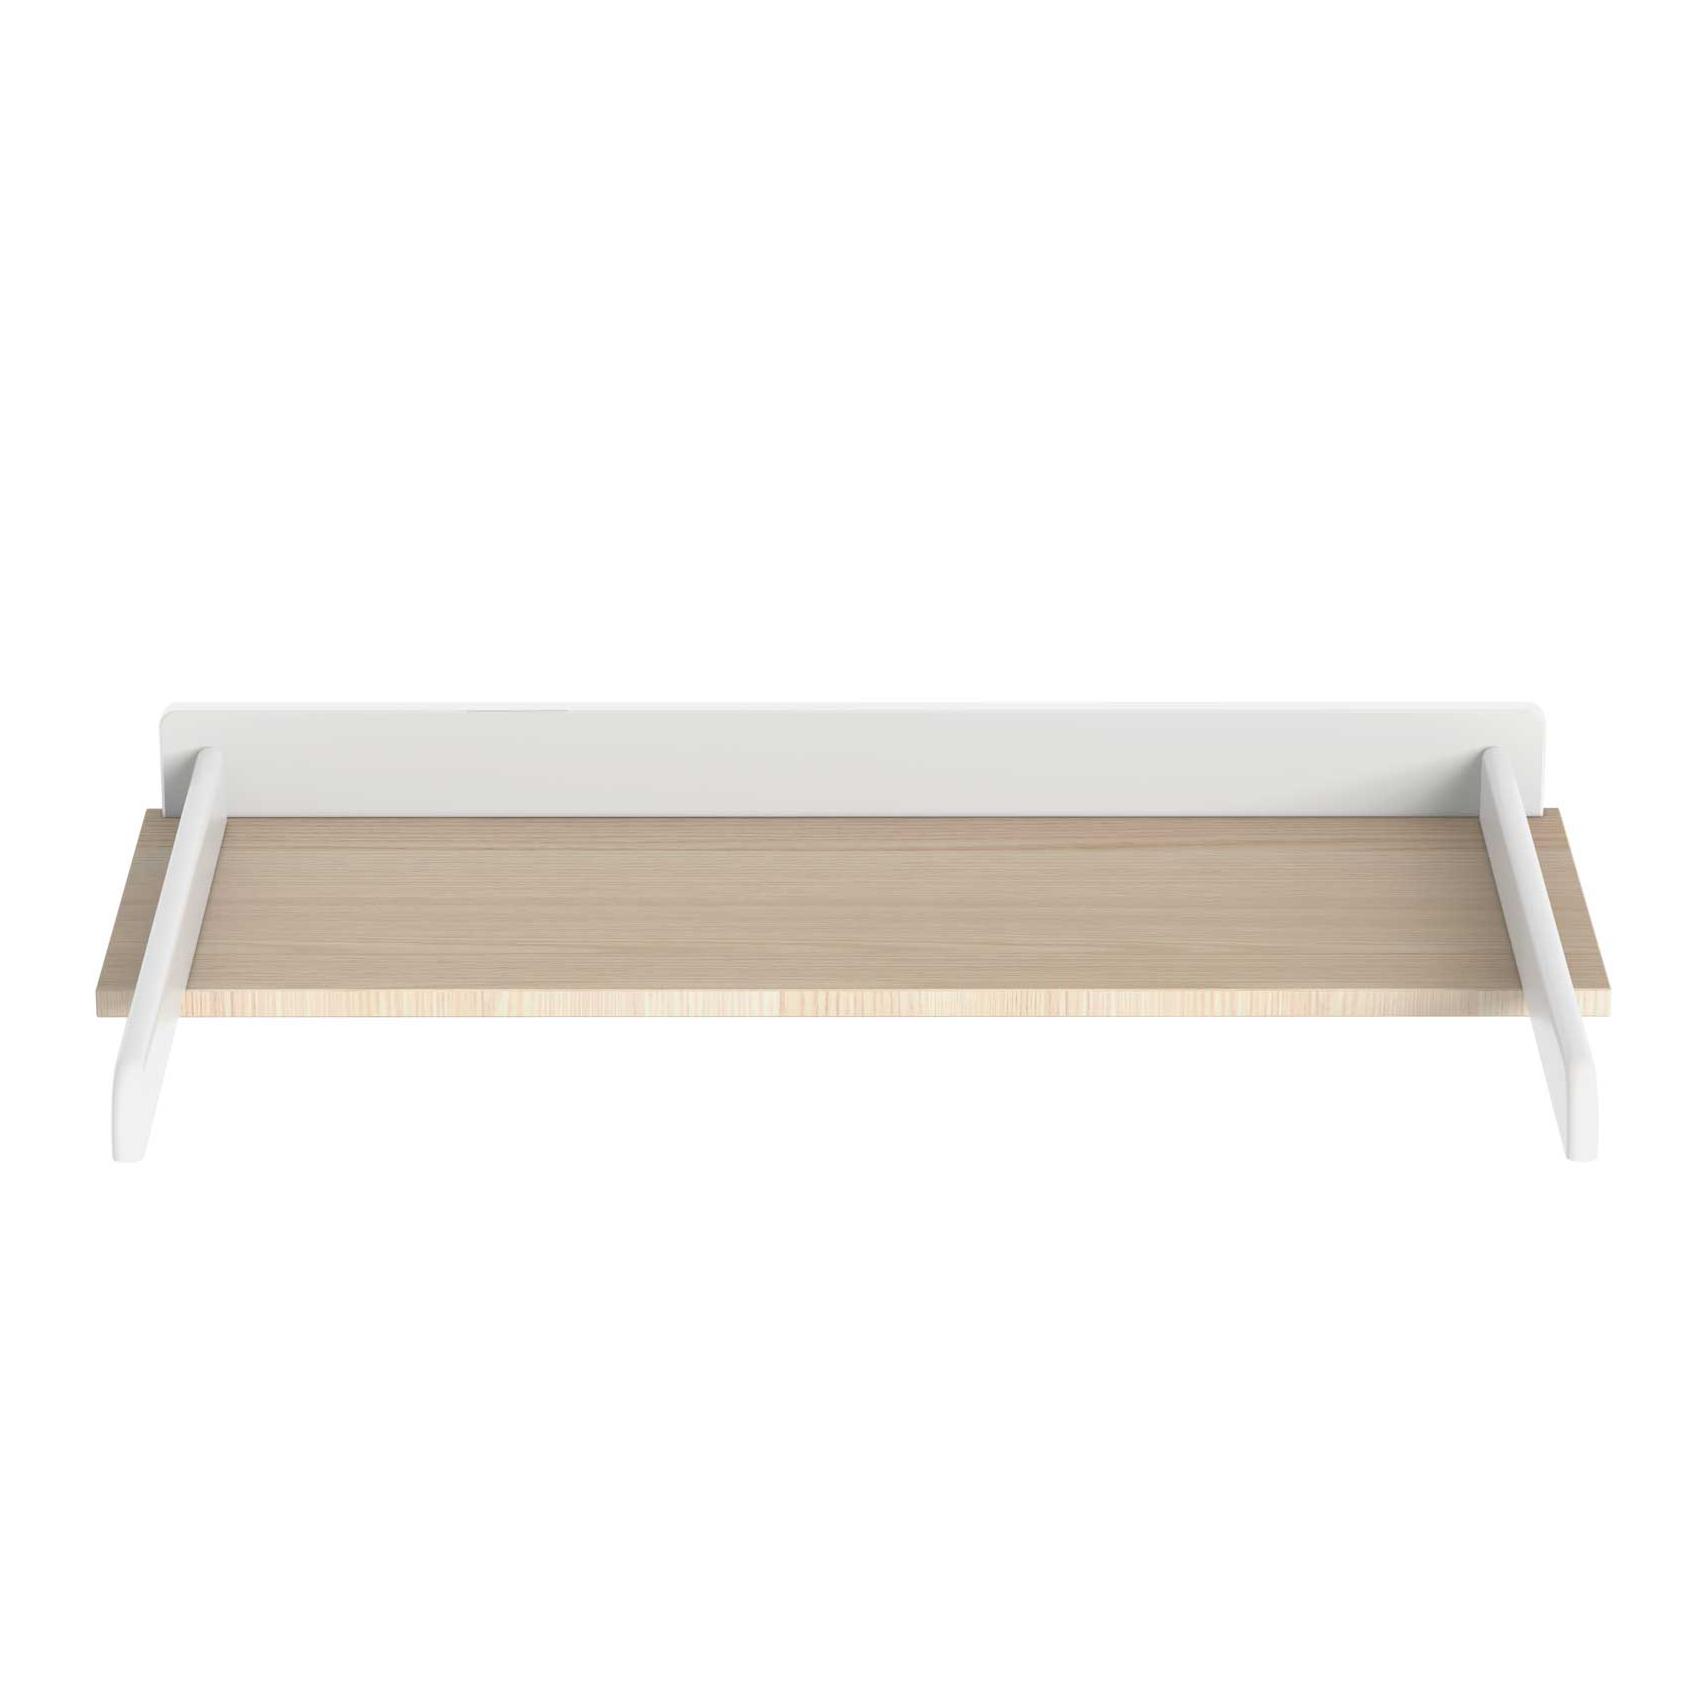 Plan à langer bébé Java en bois Blanc 91x32x9